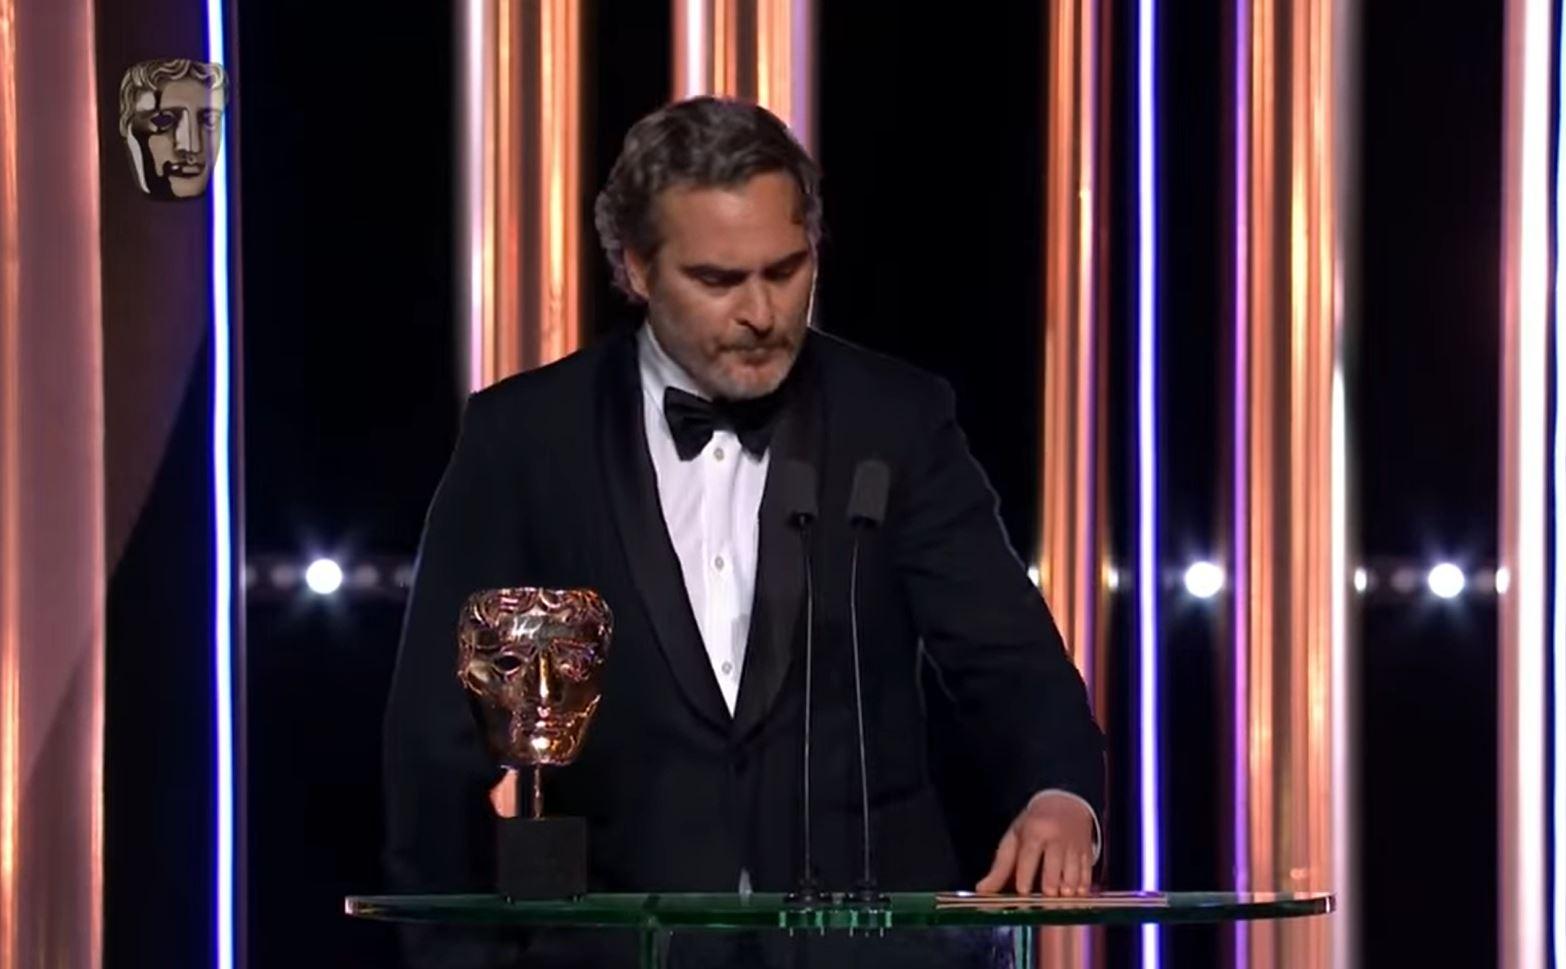 #BAFTA2020: a polêmica na indicação e desconstrução nos holofotes